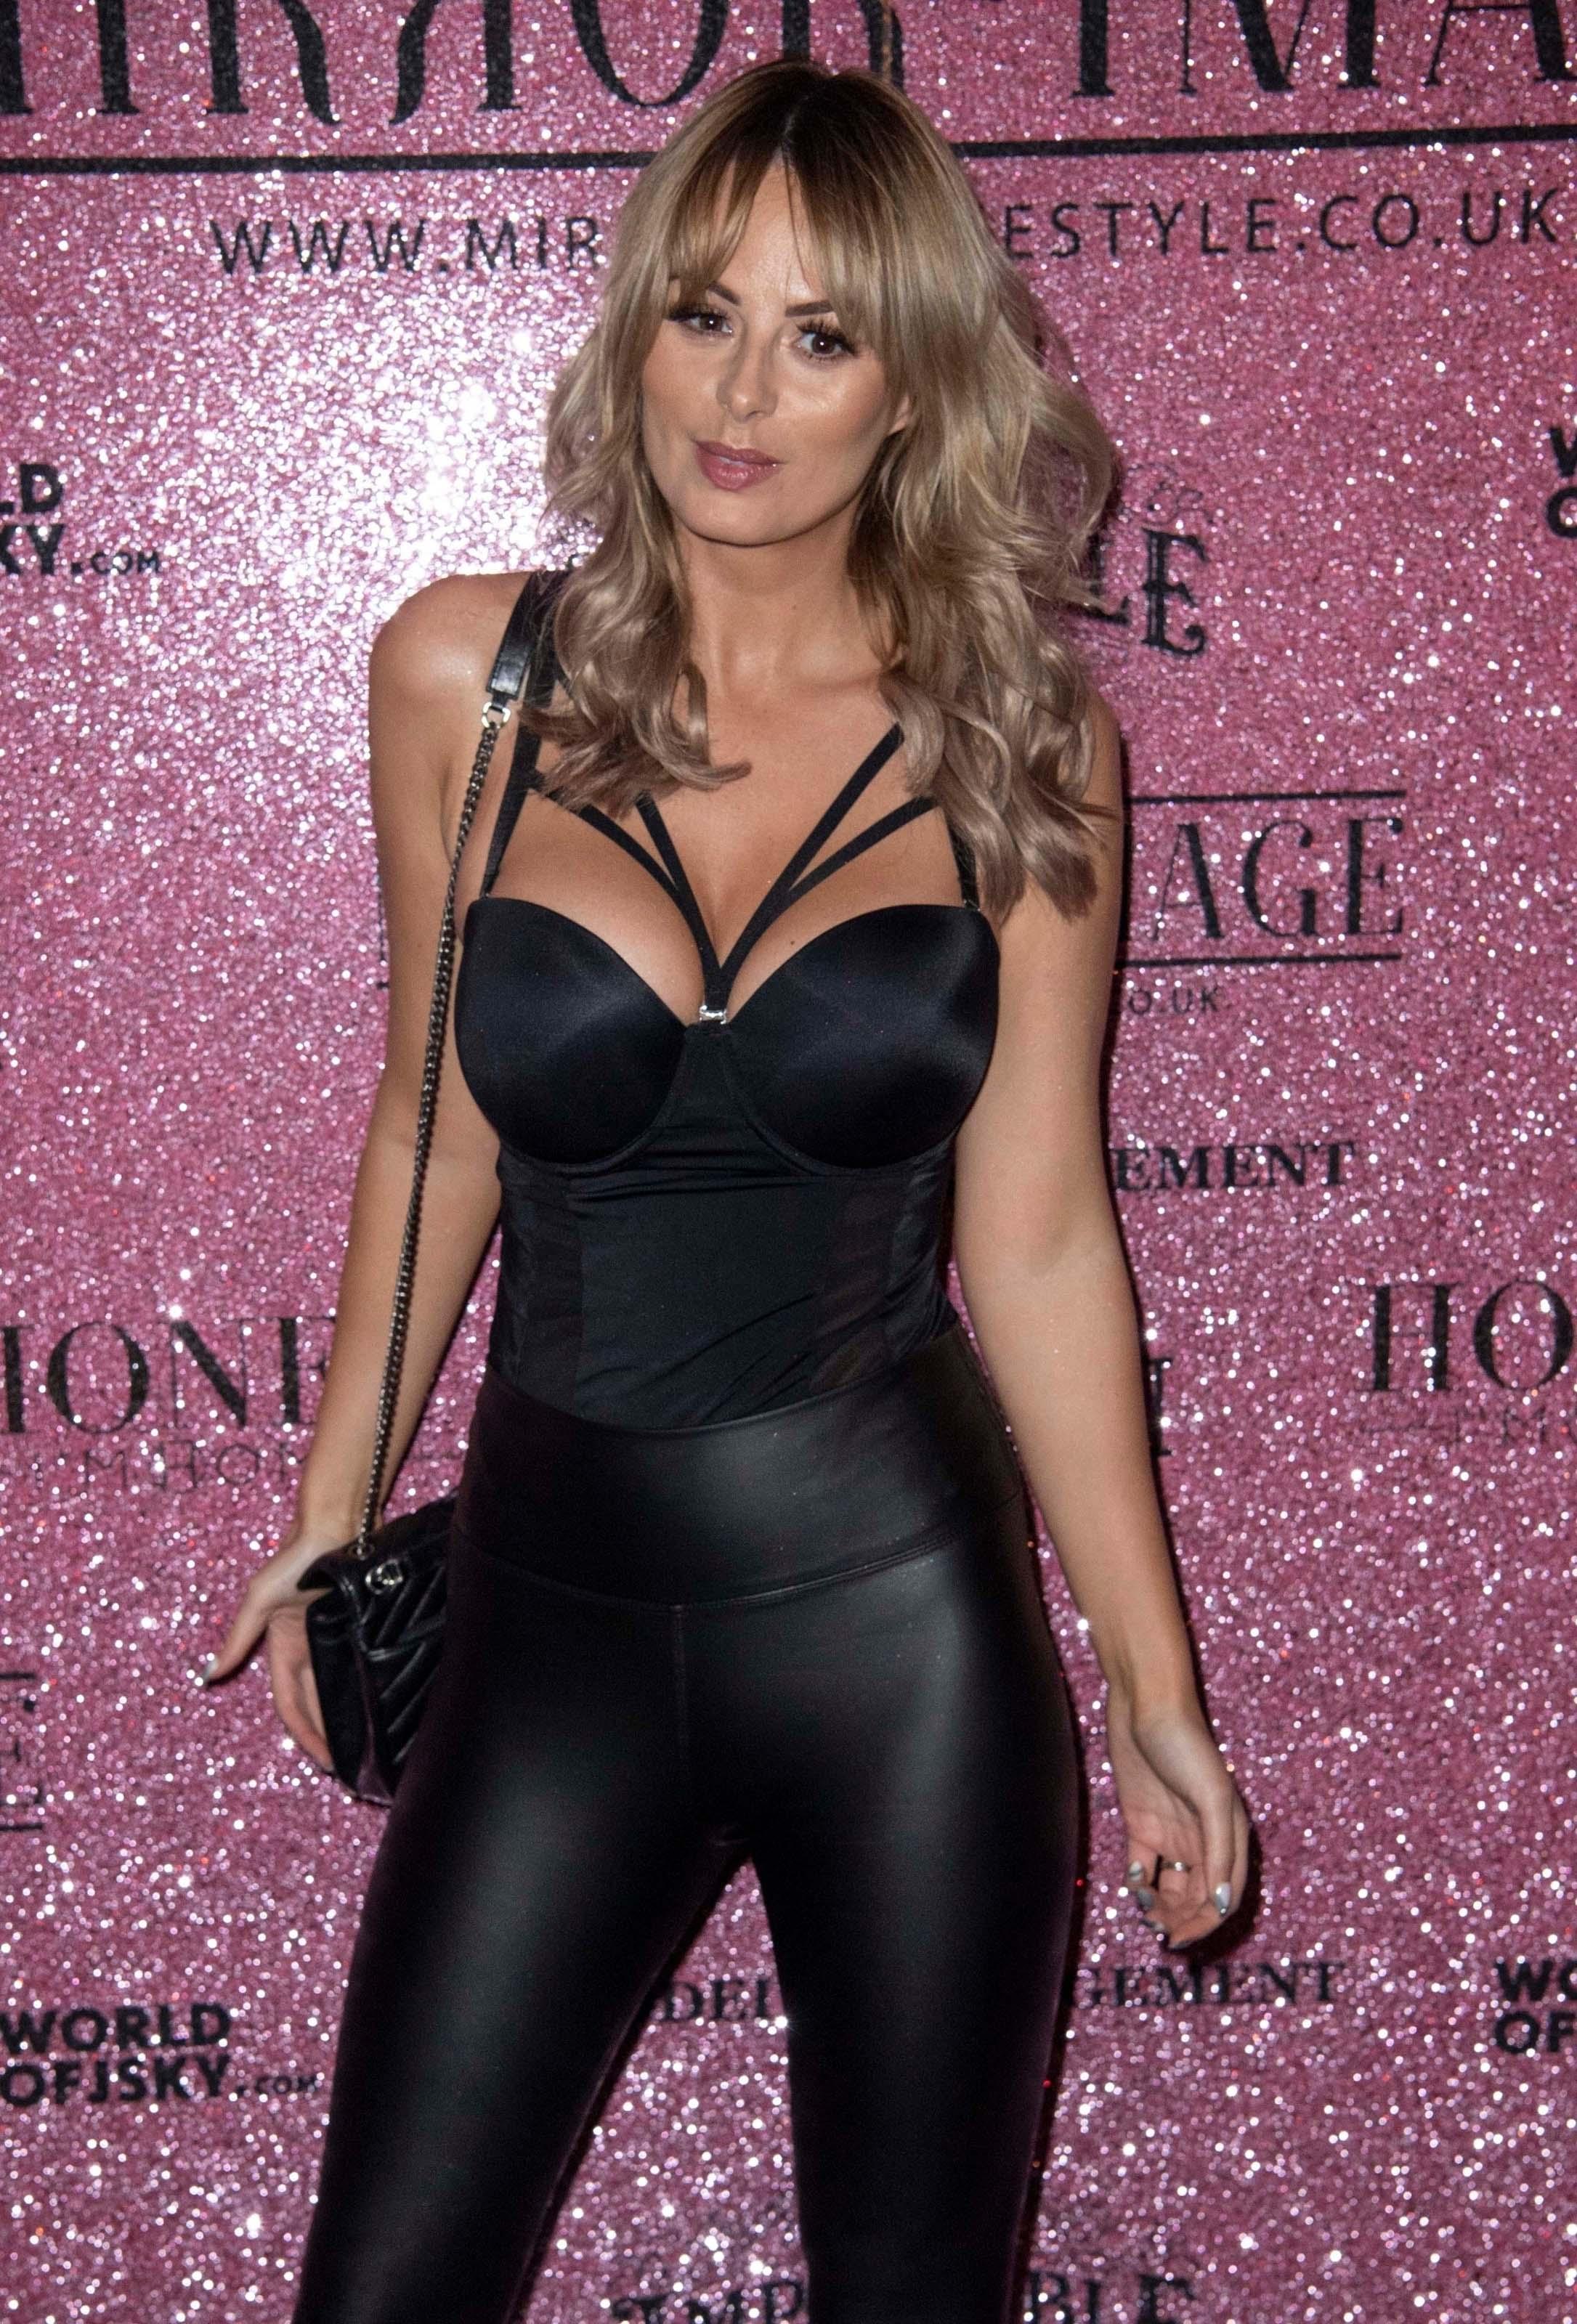 Rhian Sugden attends Mirror Image Fashion Event